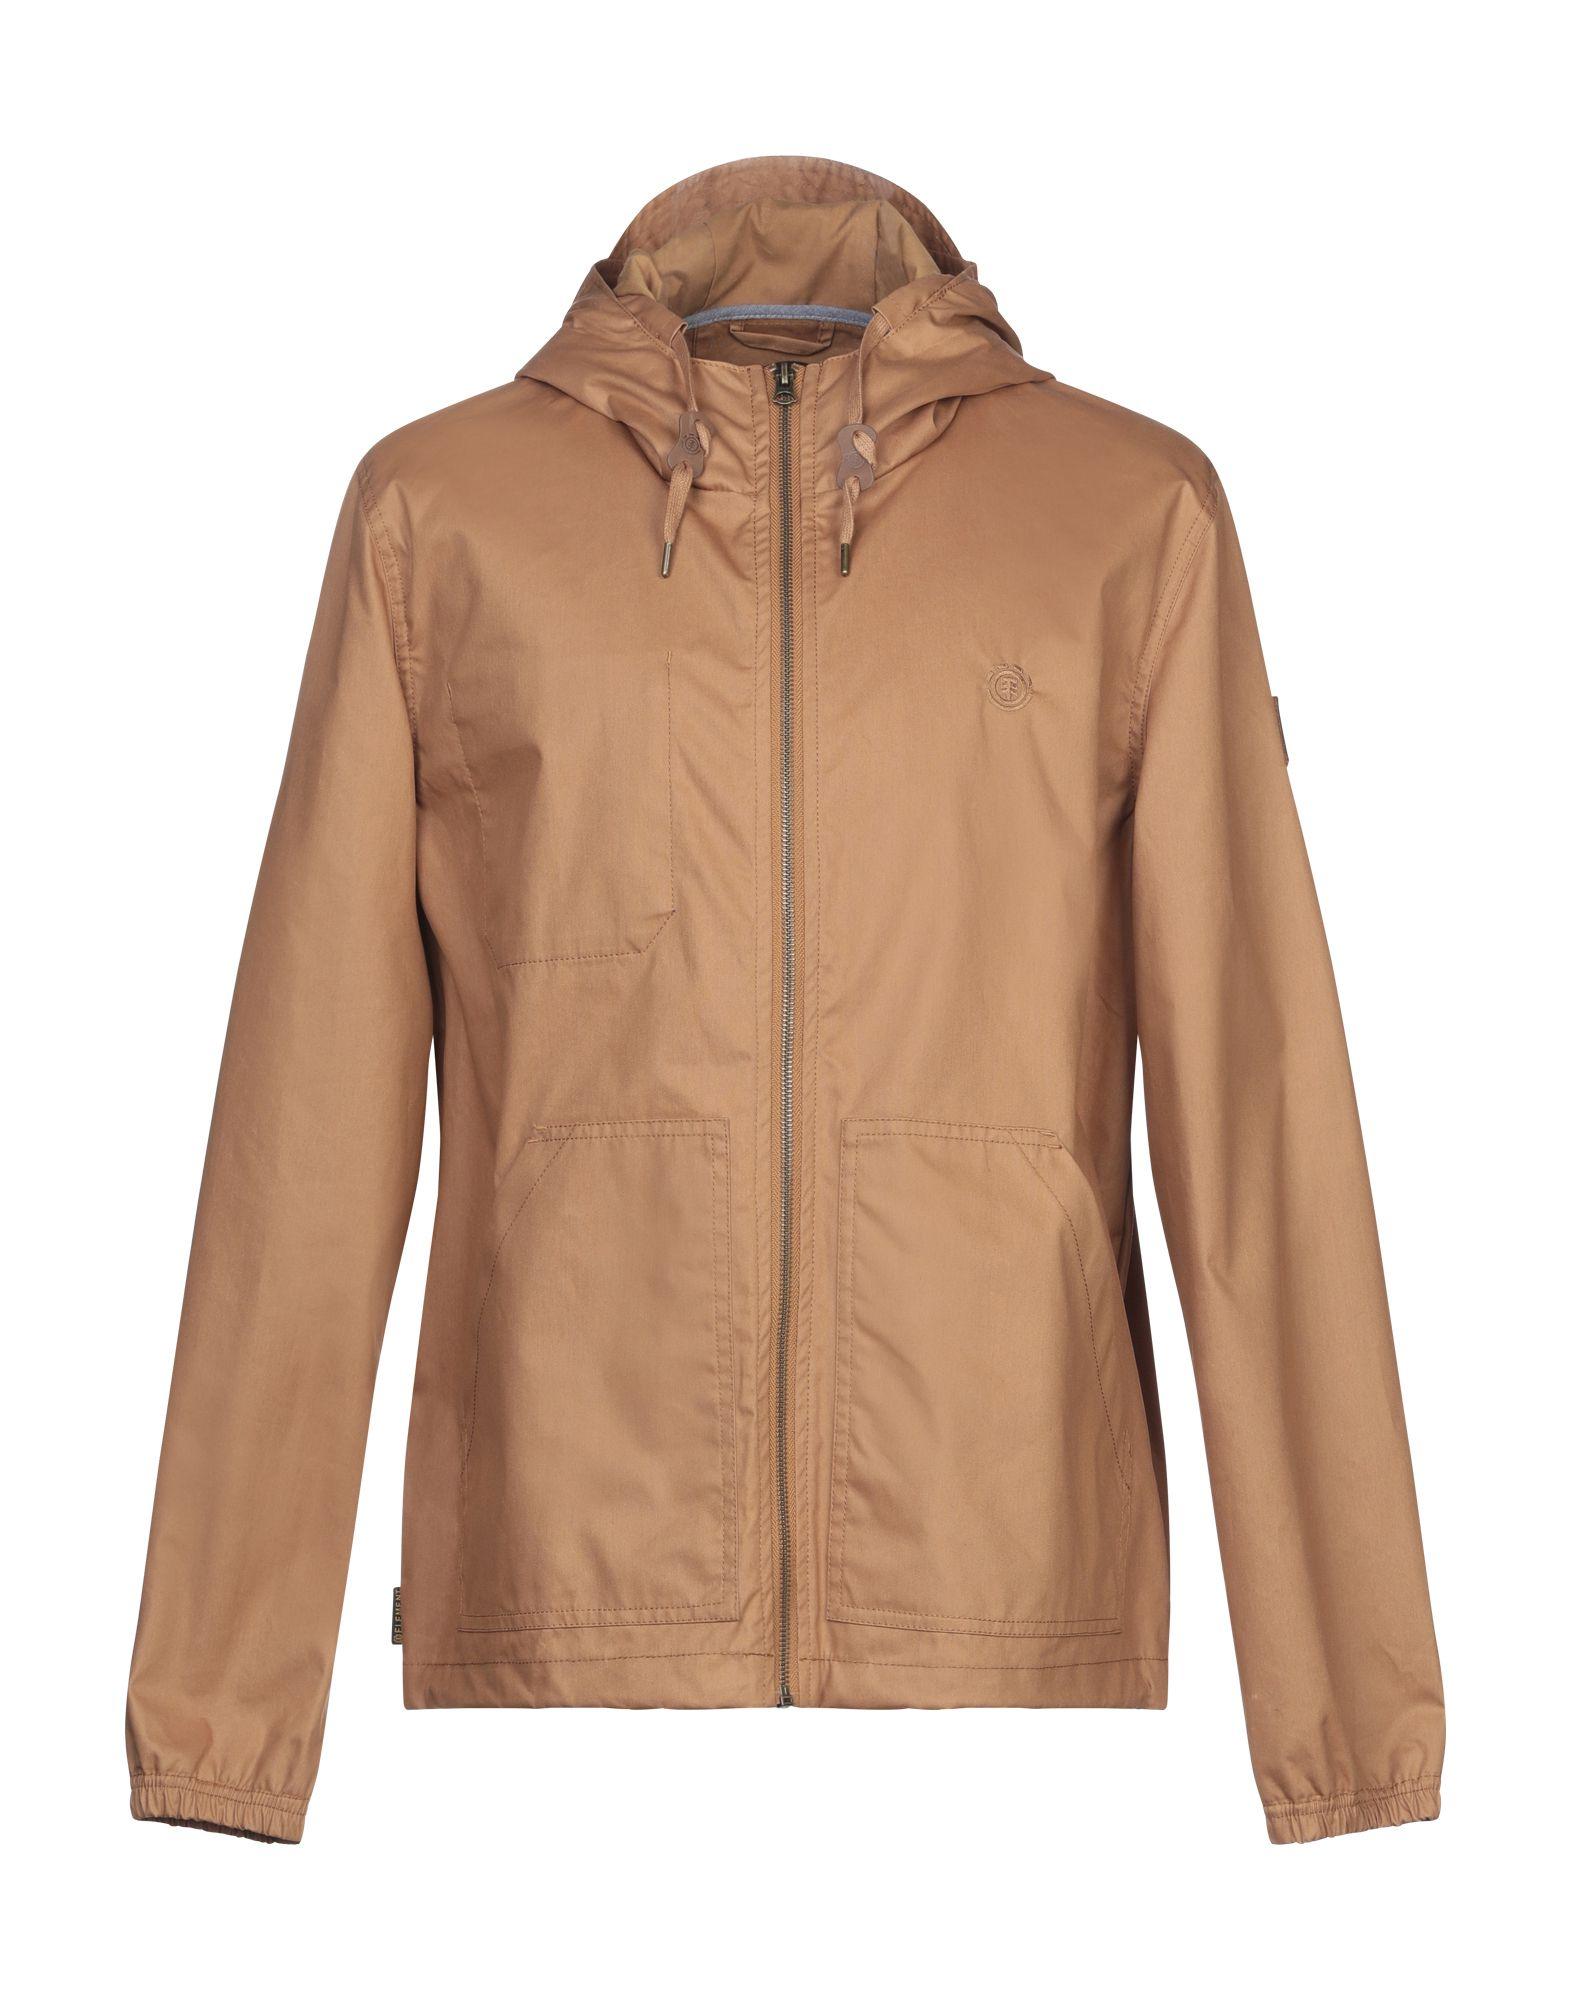 ELEMENT WOLFEBORO COLLECTION Куртка element wolfeboro collection куртка